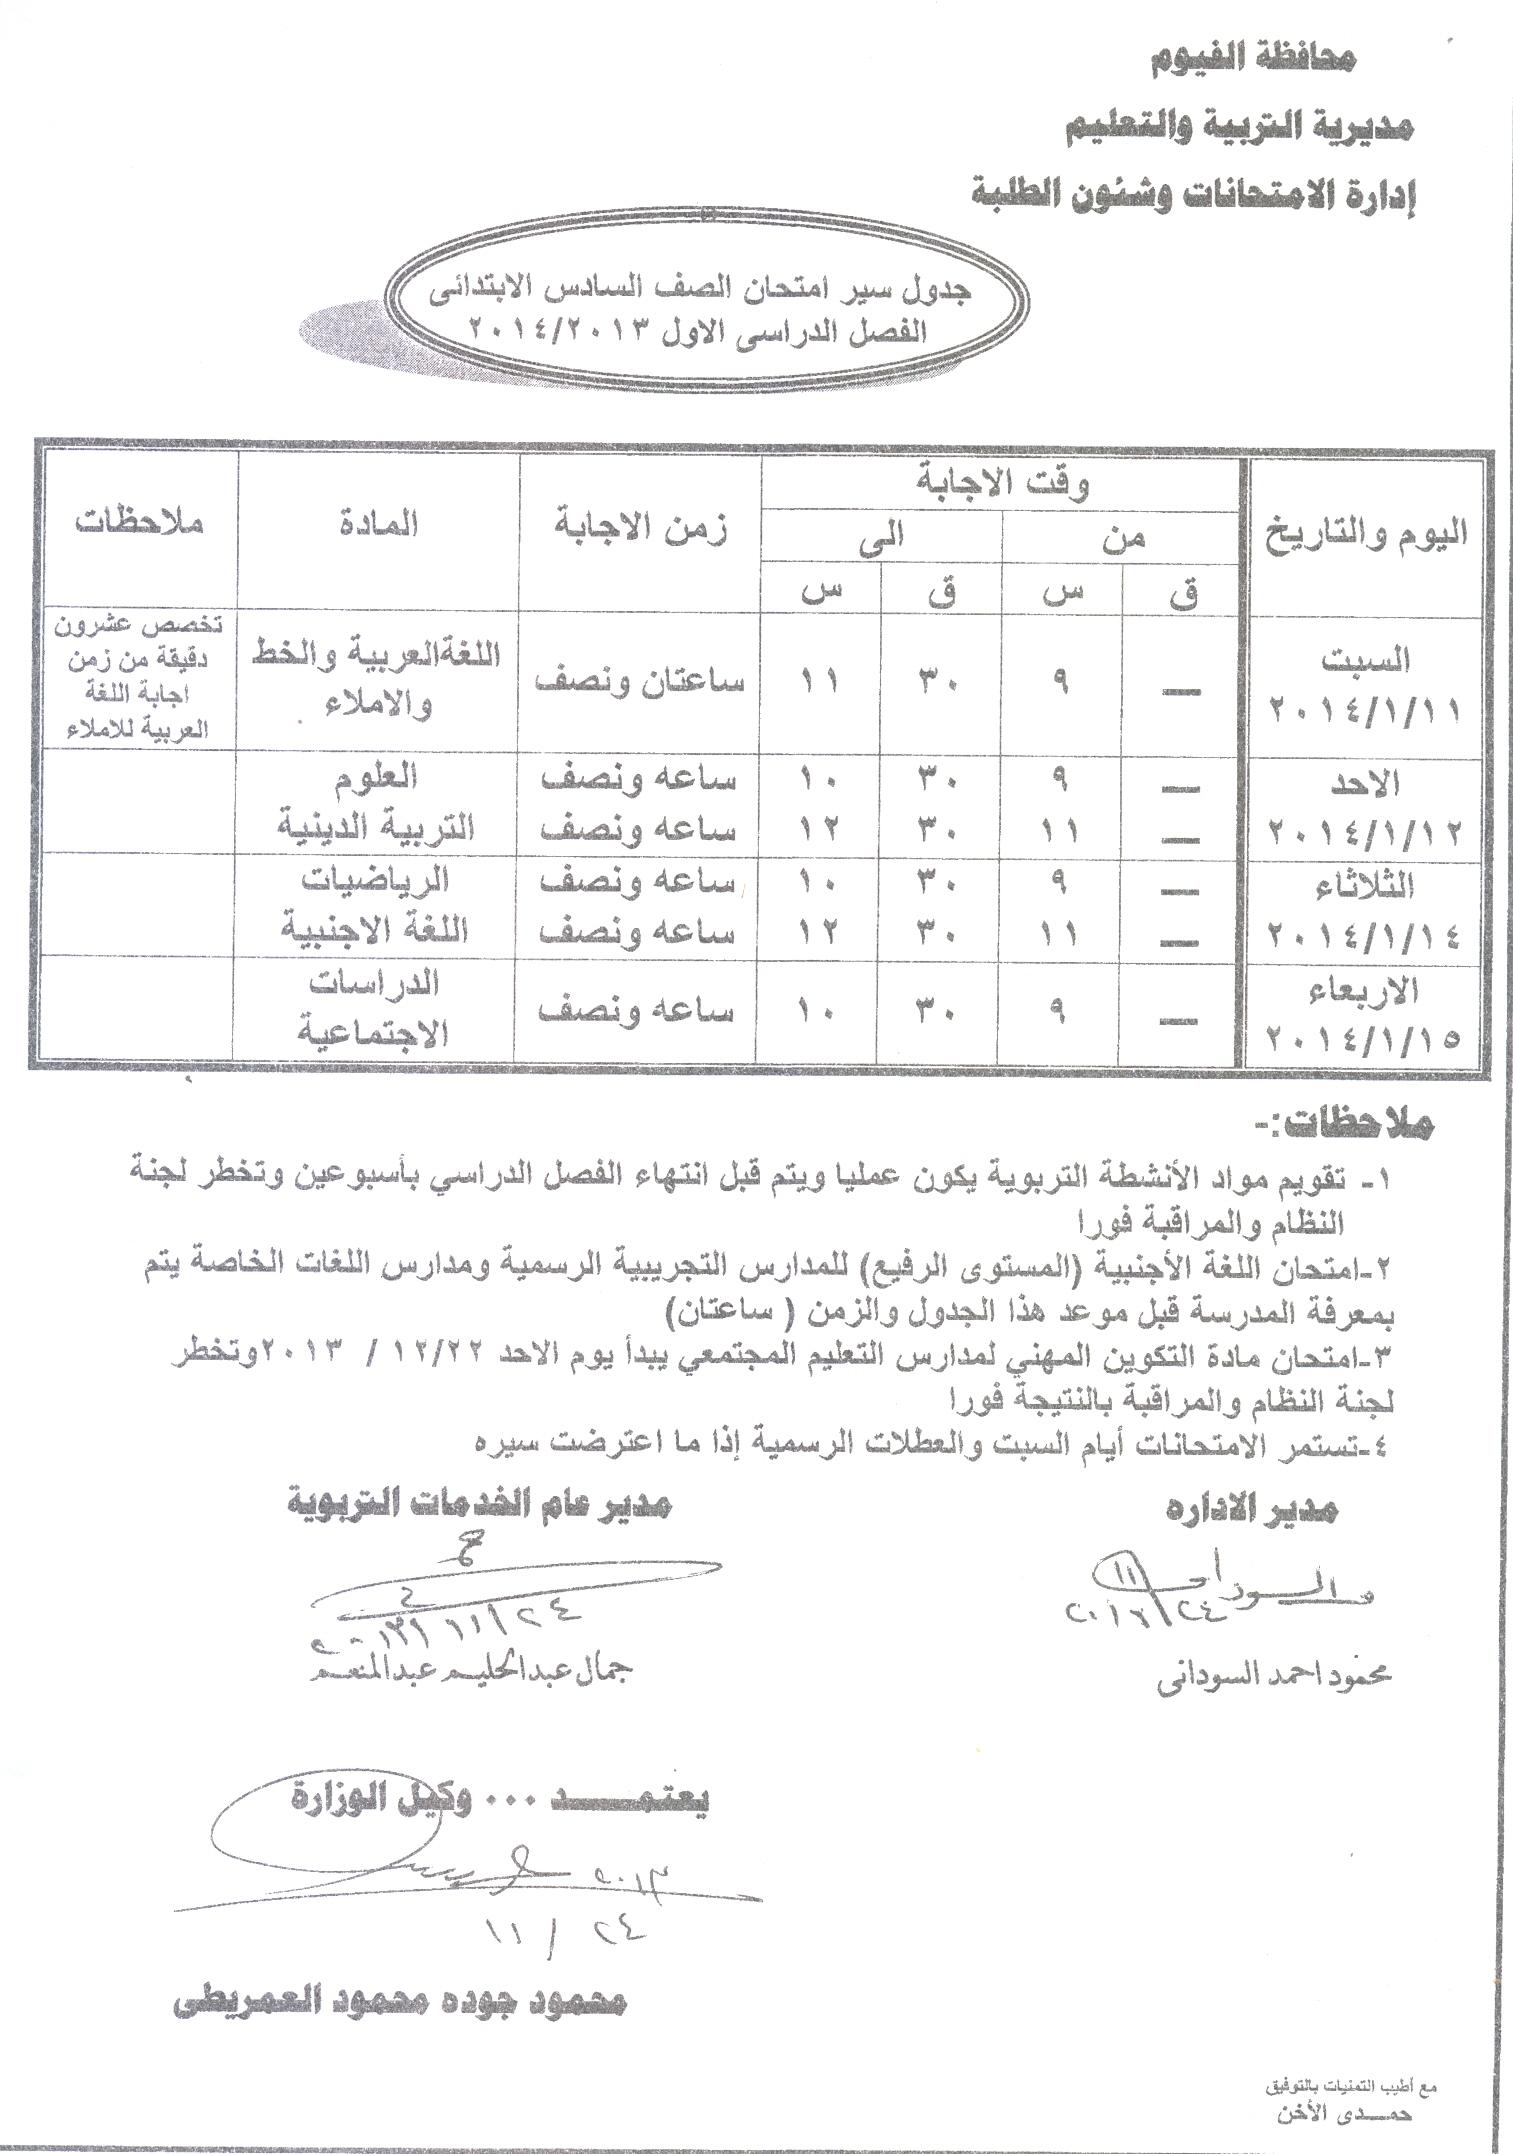 جدول امتحانات الصف السادس الابتدائي الفصل الاول / نصف العام - الفيوم 2014